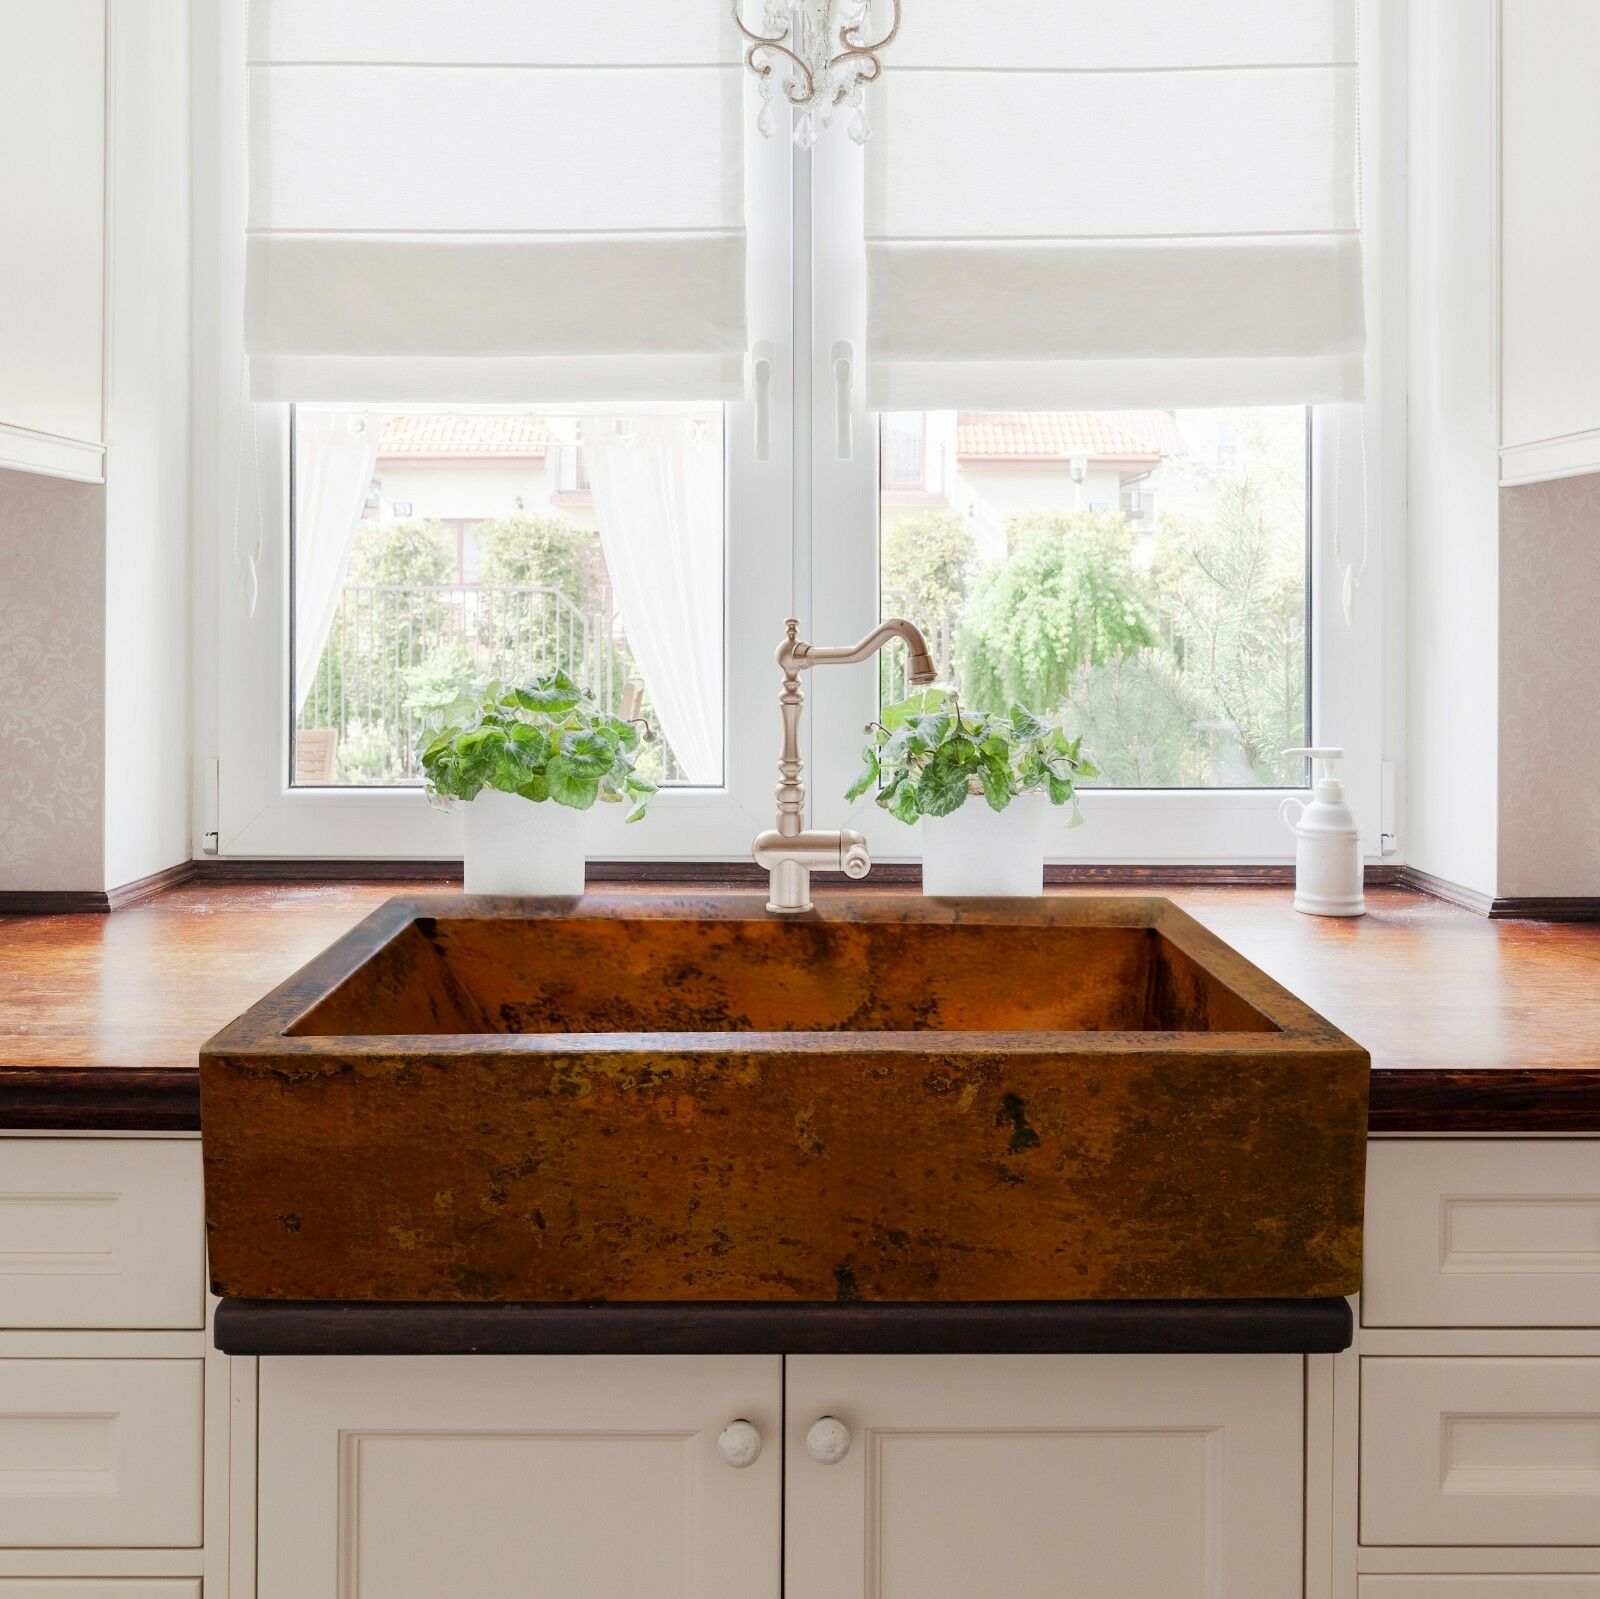 Esquire Copper Countertop Sink No